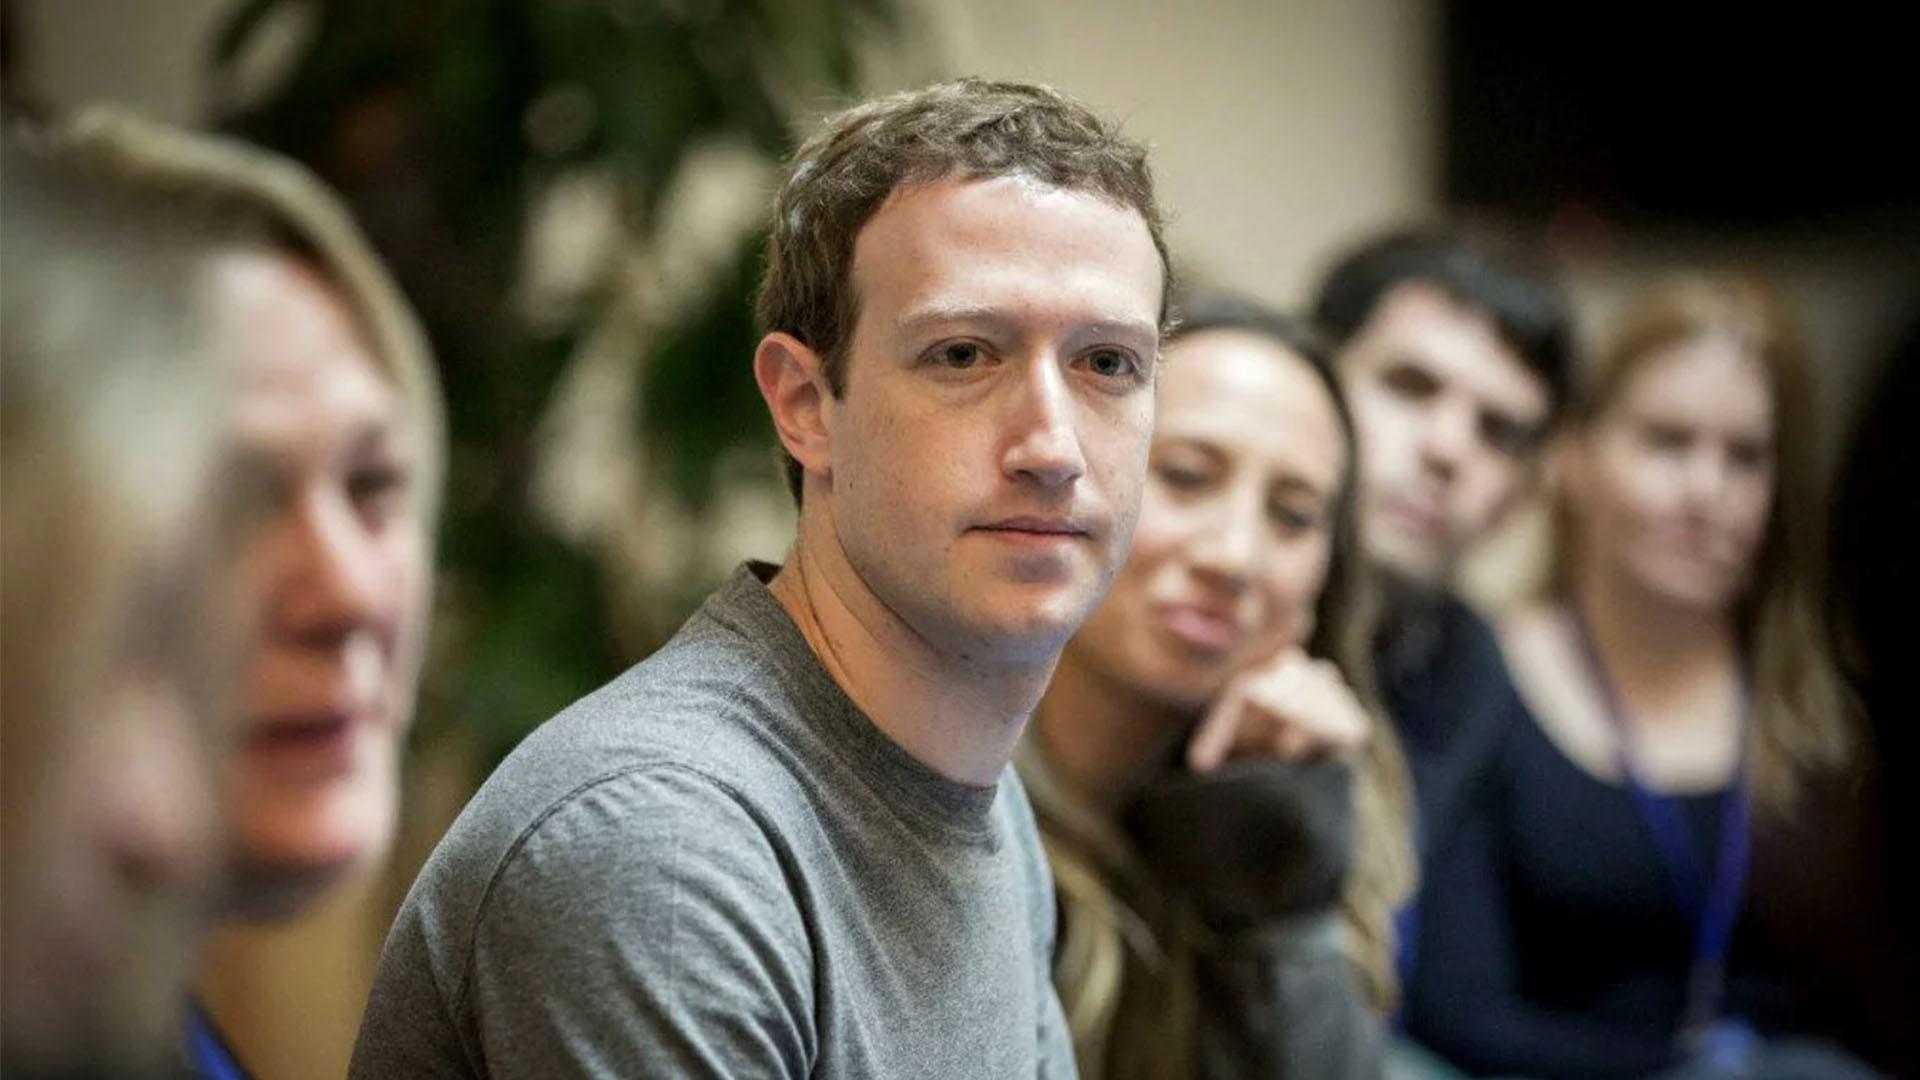 Scandalo Cambridge Analytica: è tutta colpa di Facebook?